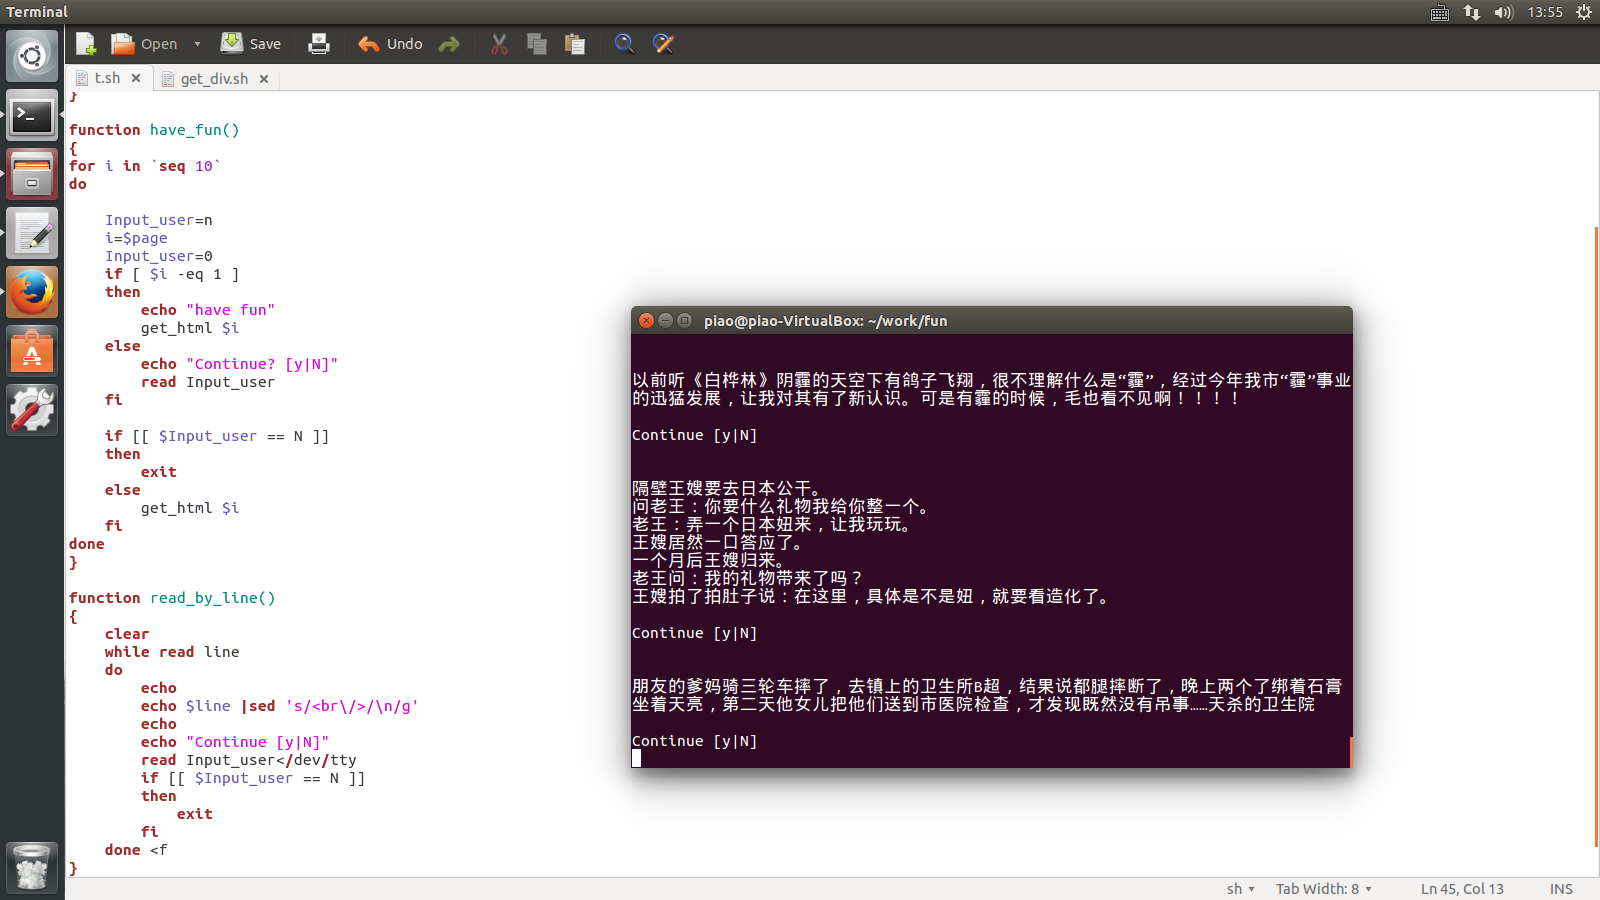 VirtualBox_Ubuntu_06_01_2016_13_55_17.png